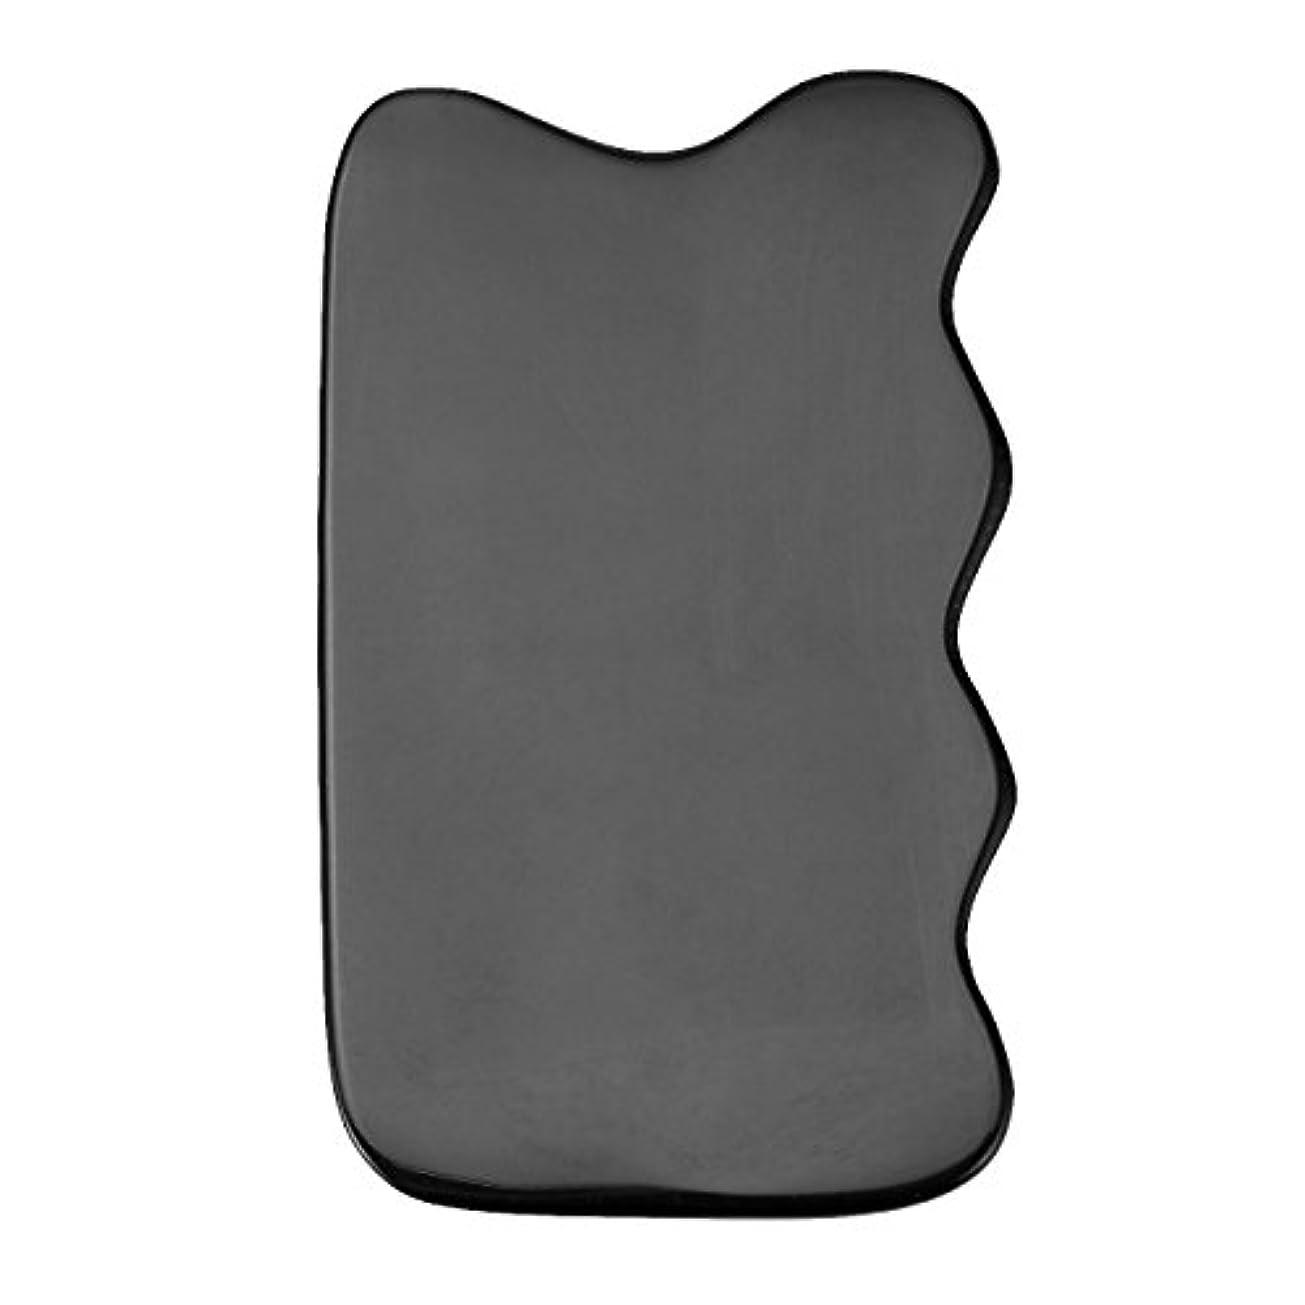 穿孔する代表団怒ってJovivi Mak カッサリフトプレート ブラック 牛角 パワーストーン カッサ板 美顔 カッサボード カッサマッサージ道具 ギフトバッグを提供 (波状)